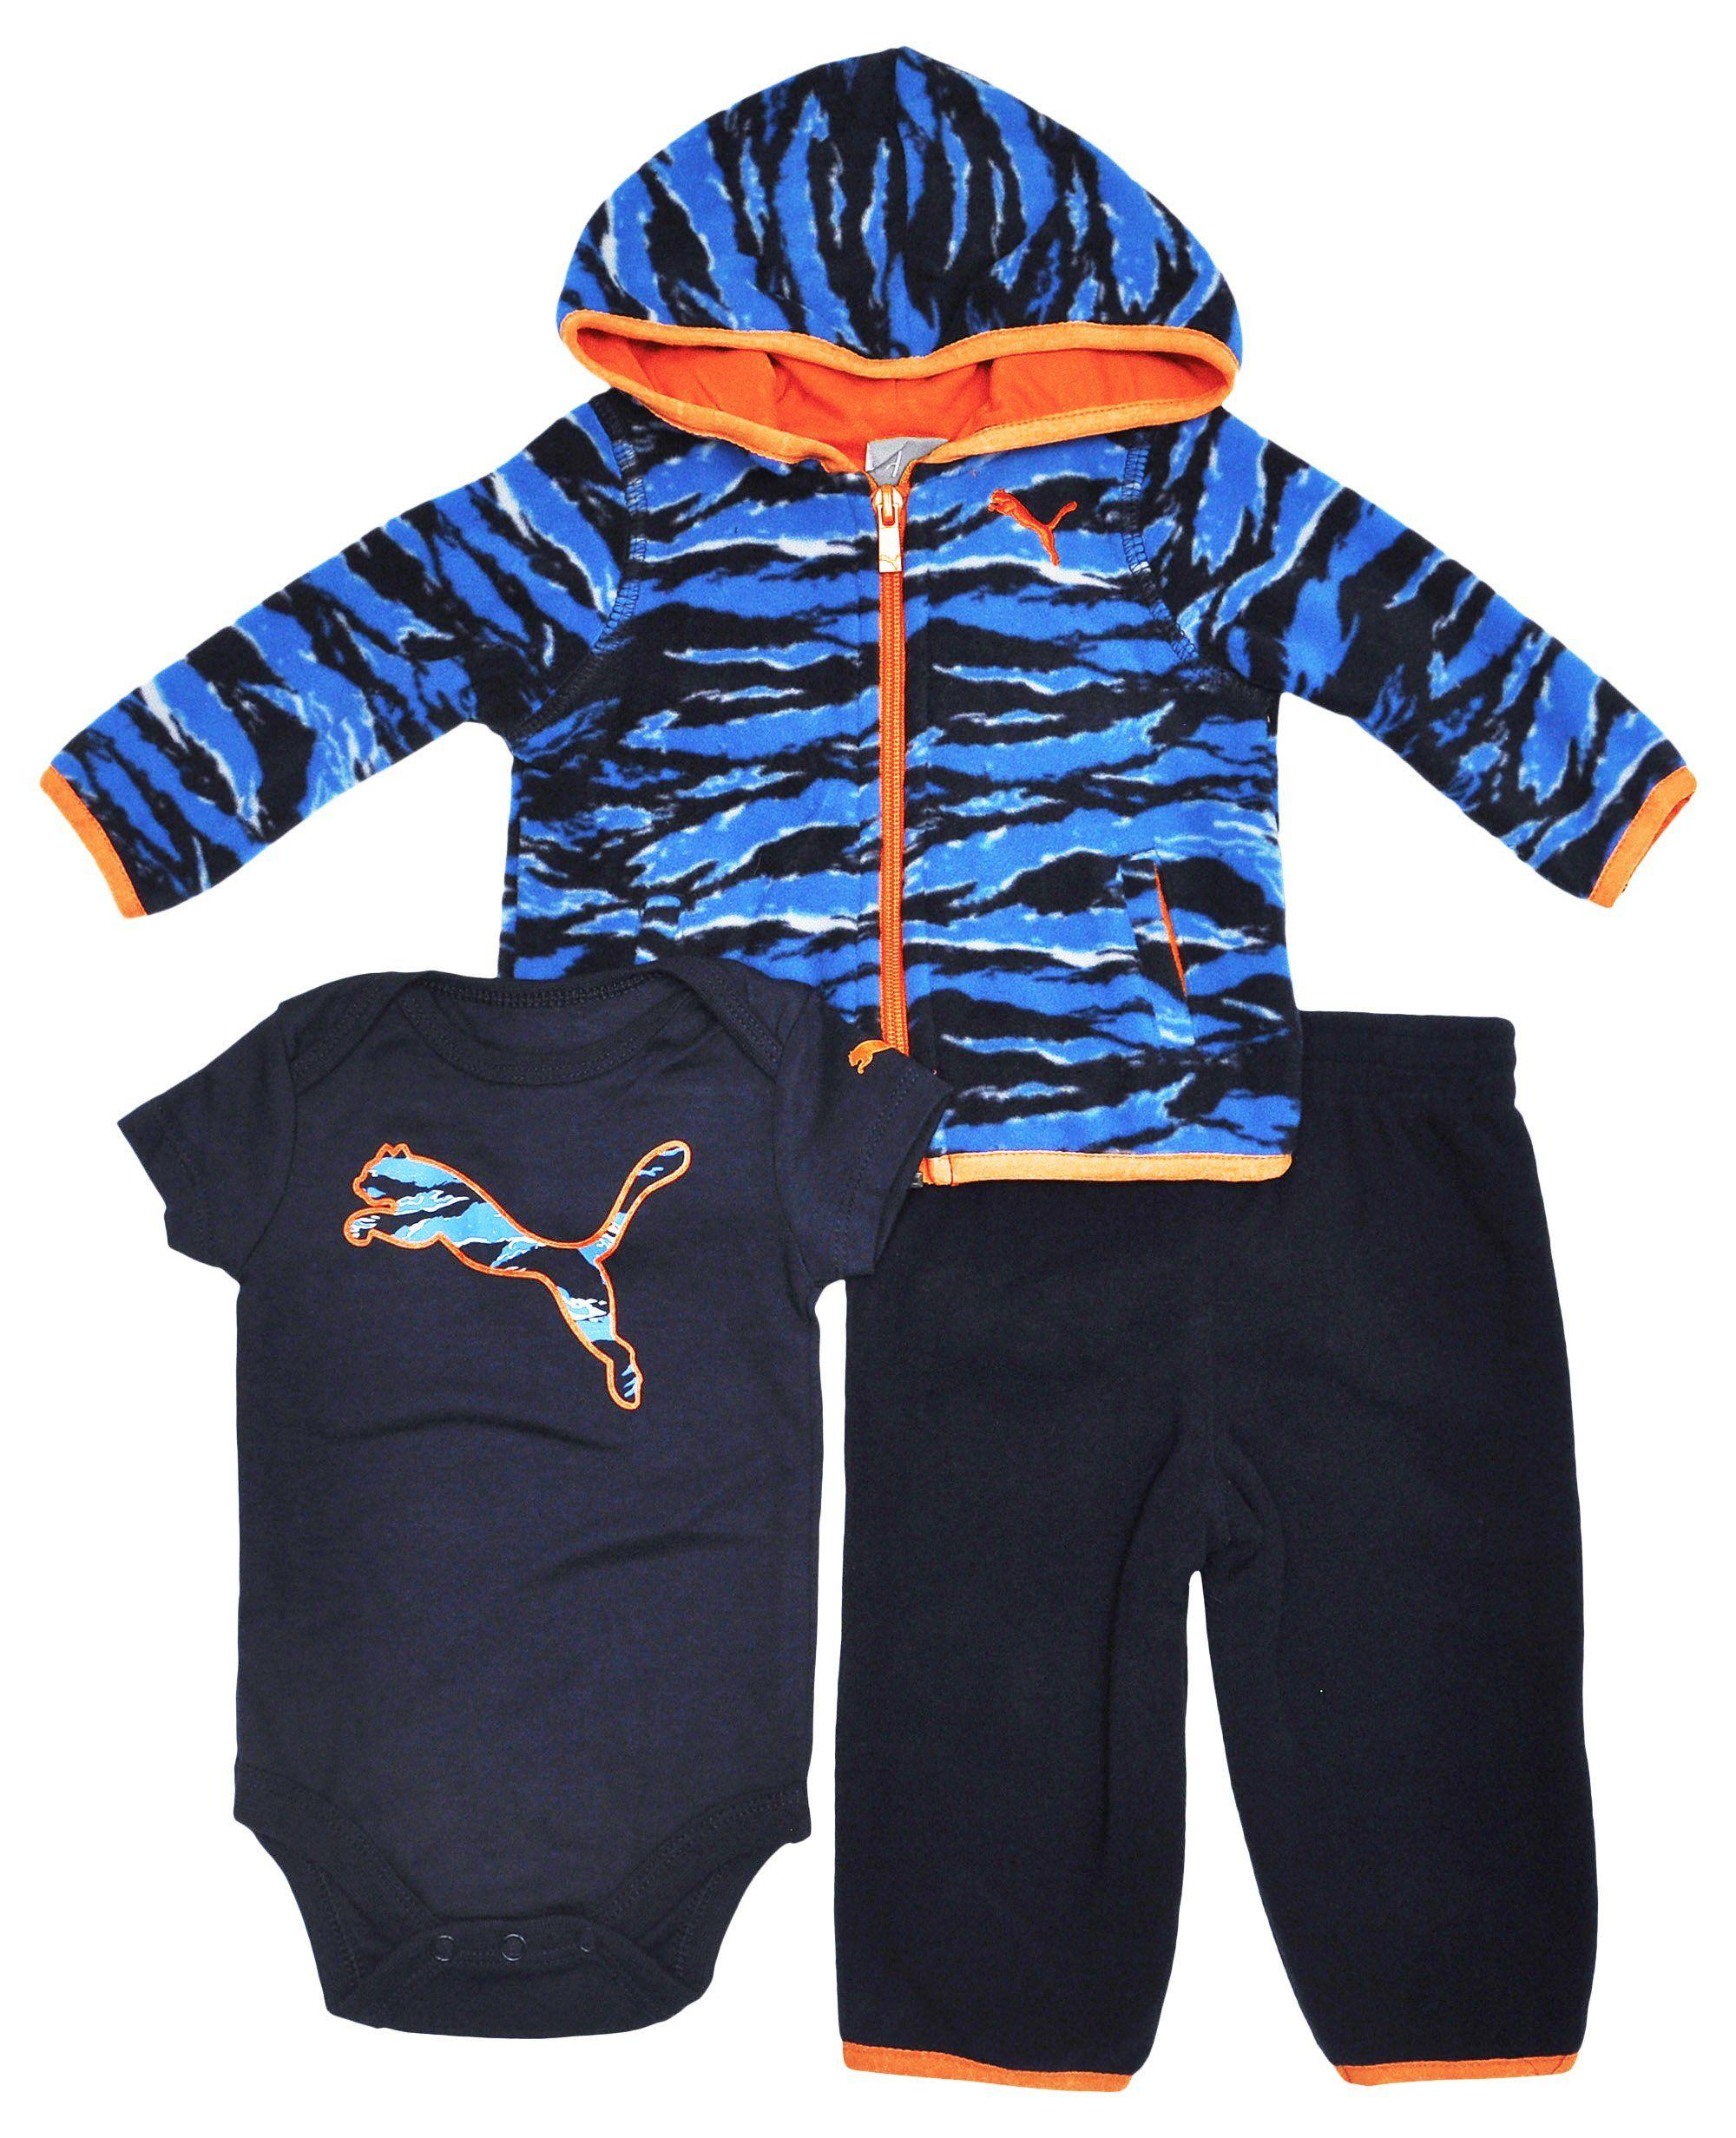 Puma Baby Boys Blue Camo Jacket Bodysuit & Pants Outfit 3 Piece Set